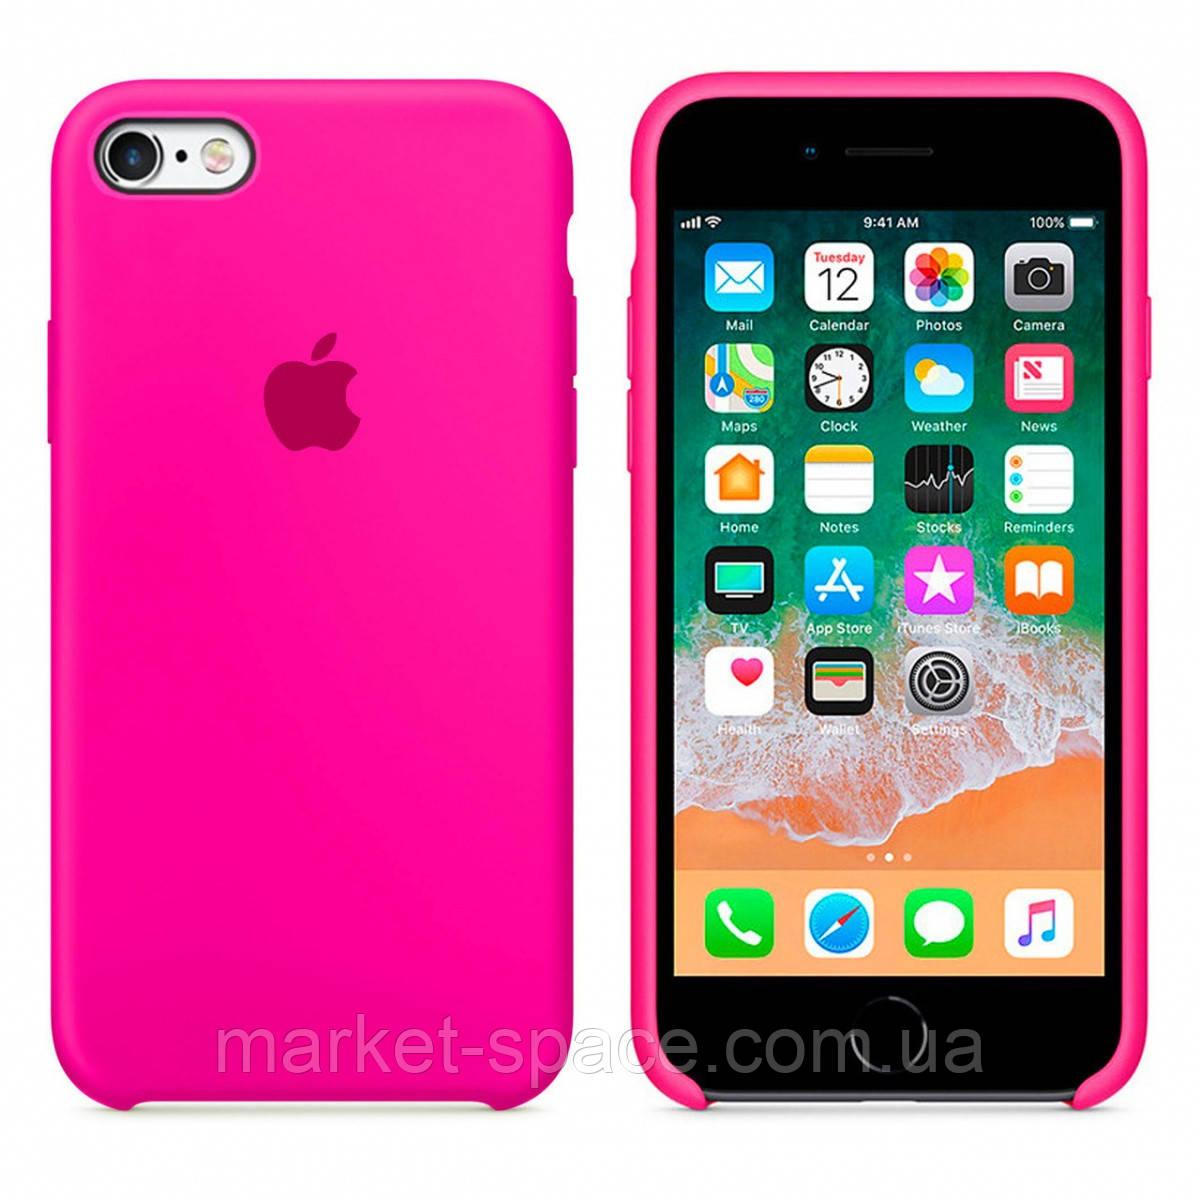 """Чехол силиконовый для iPhone 6 Plus/6S Plus. Apple Silicone Case, цвет """"Неоново-розовый"""""""